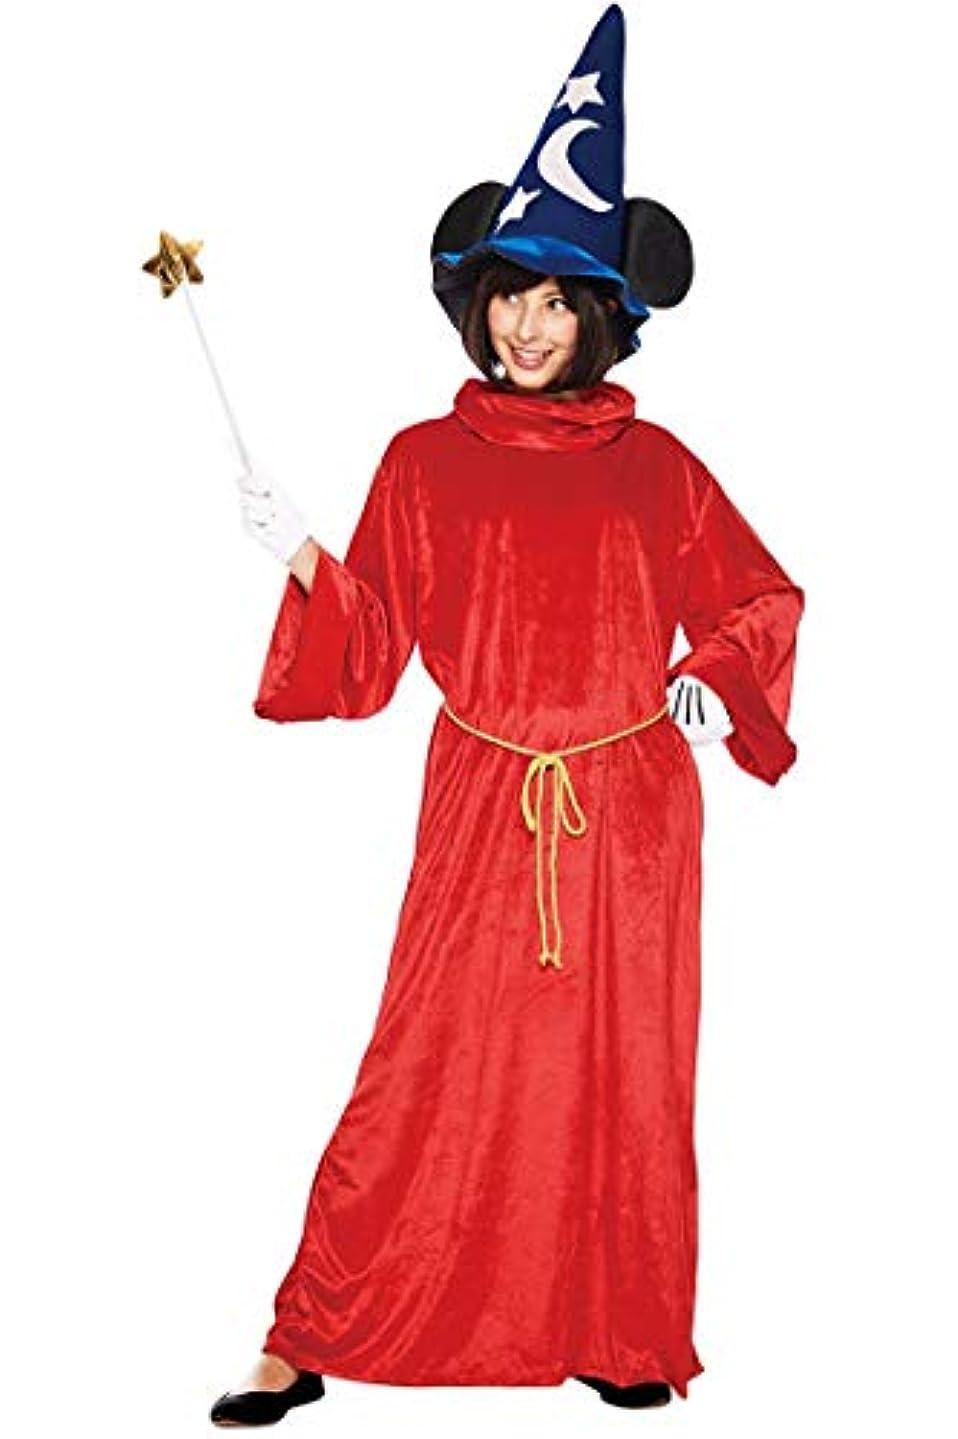 アスペクト受け皿フォーマットディズニー ミッキー ファンタジア コスチューム 男女共用 155cm-165cm